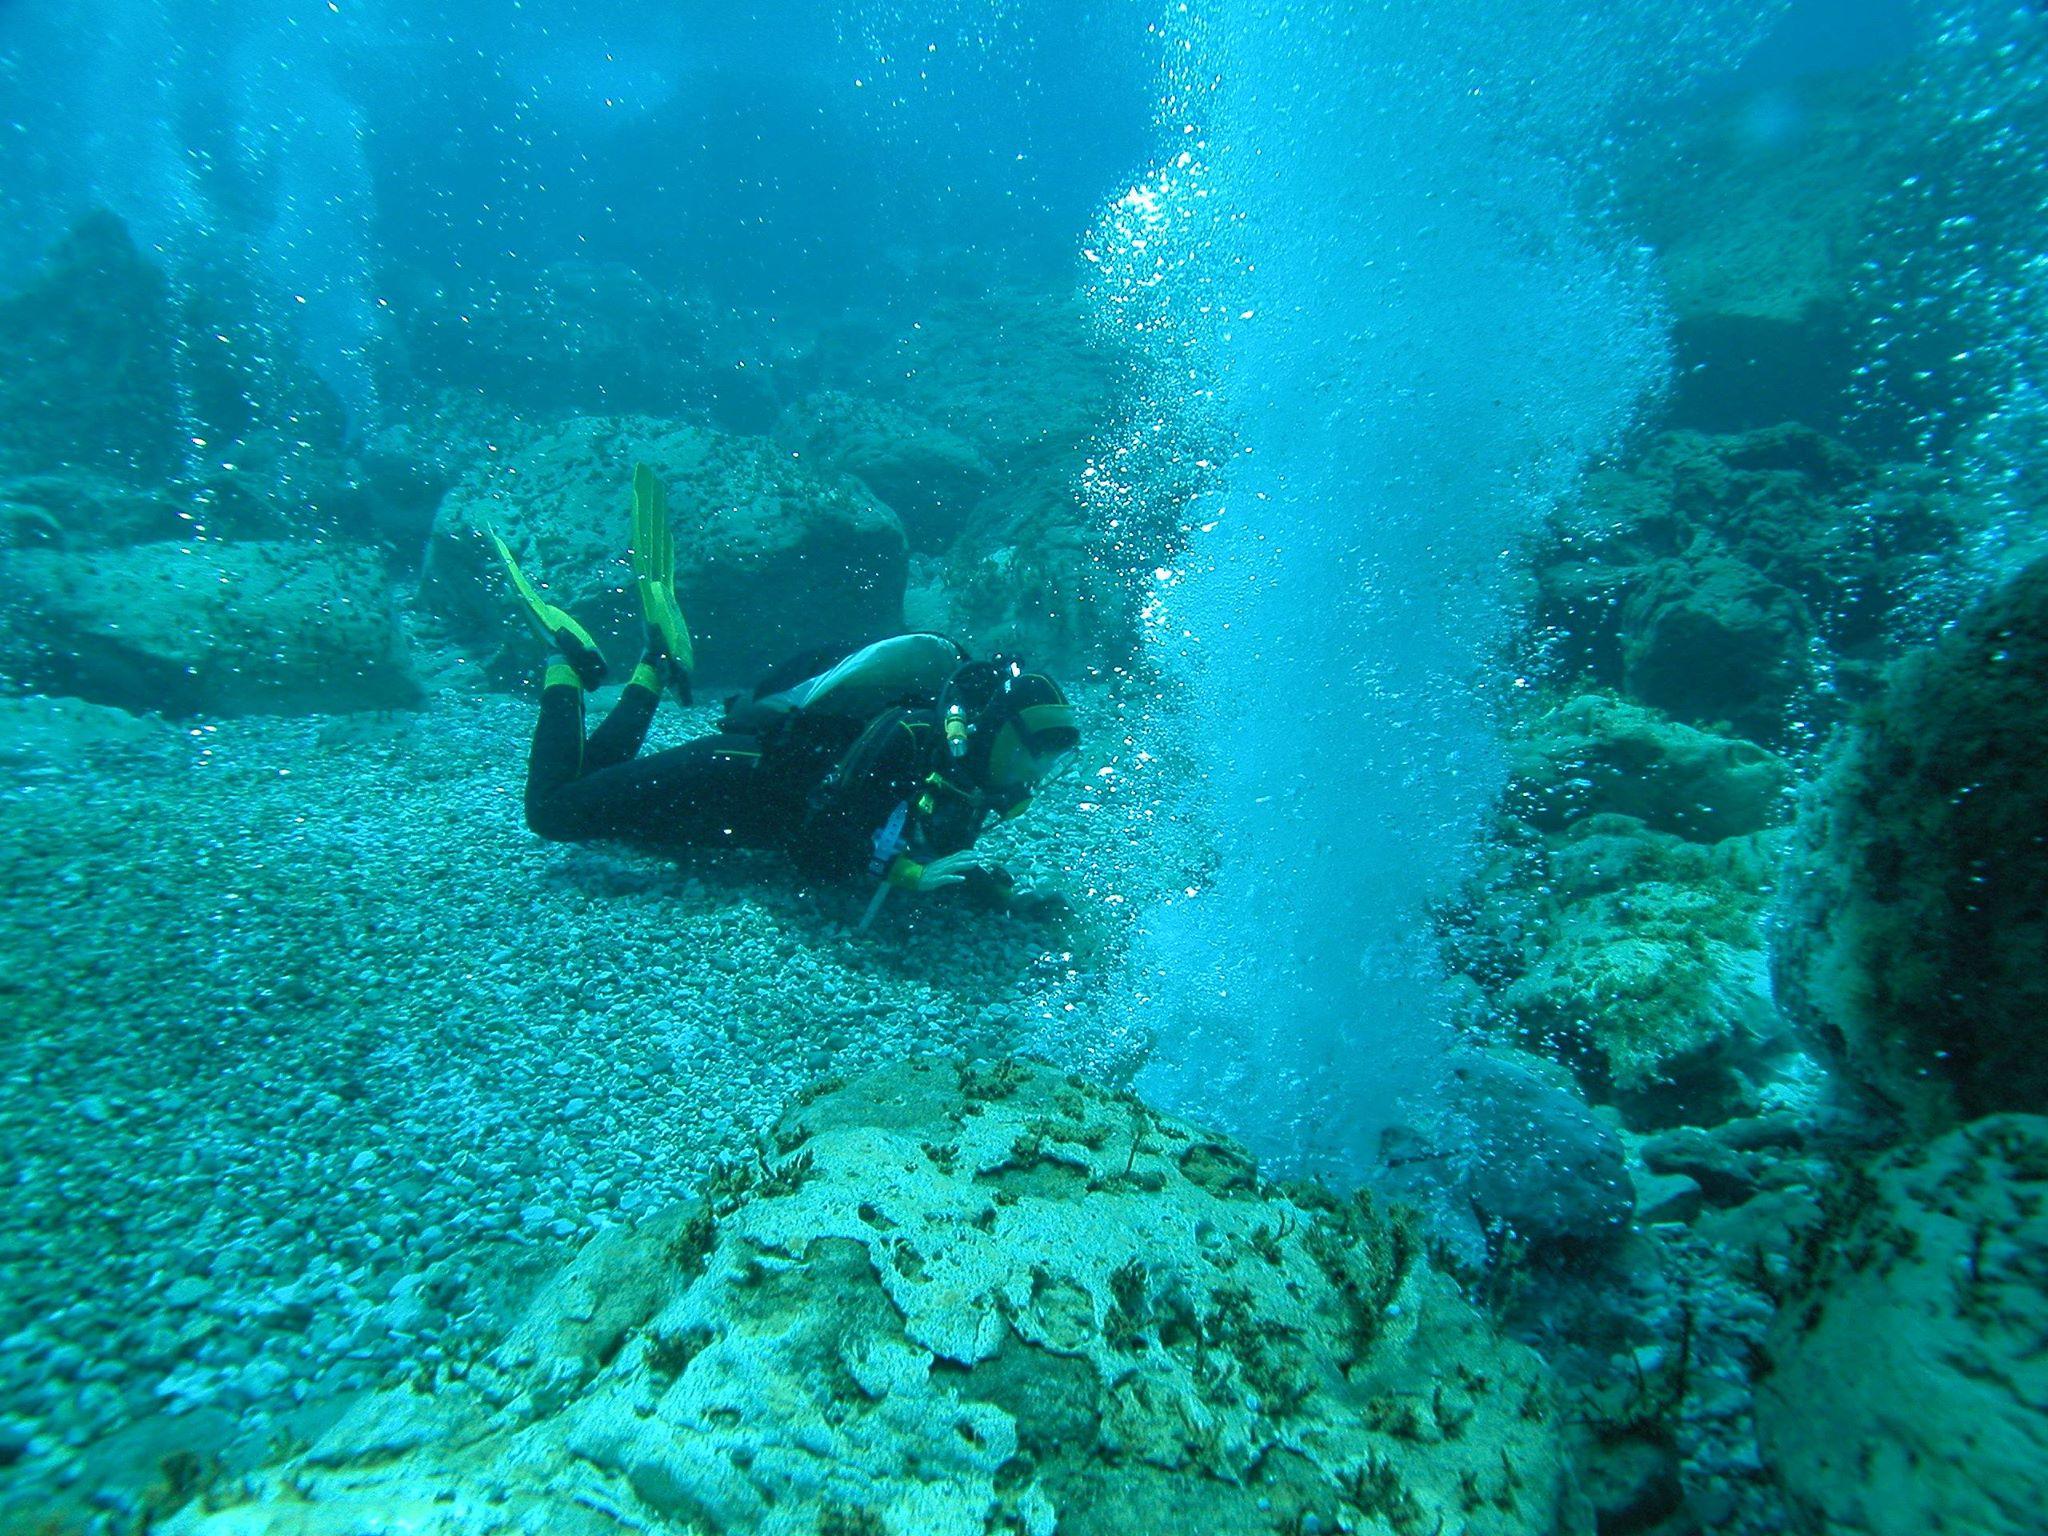 Emissioni gassose dal fondo del mare